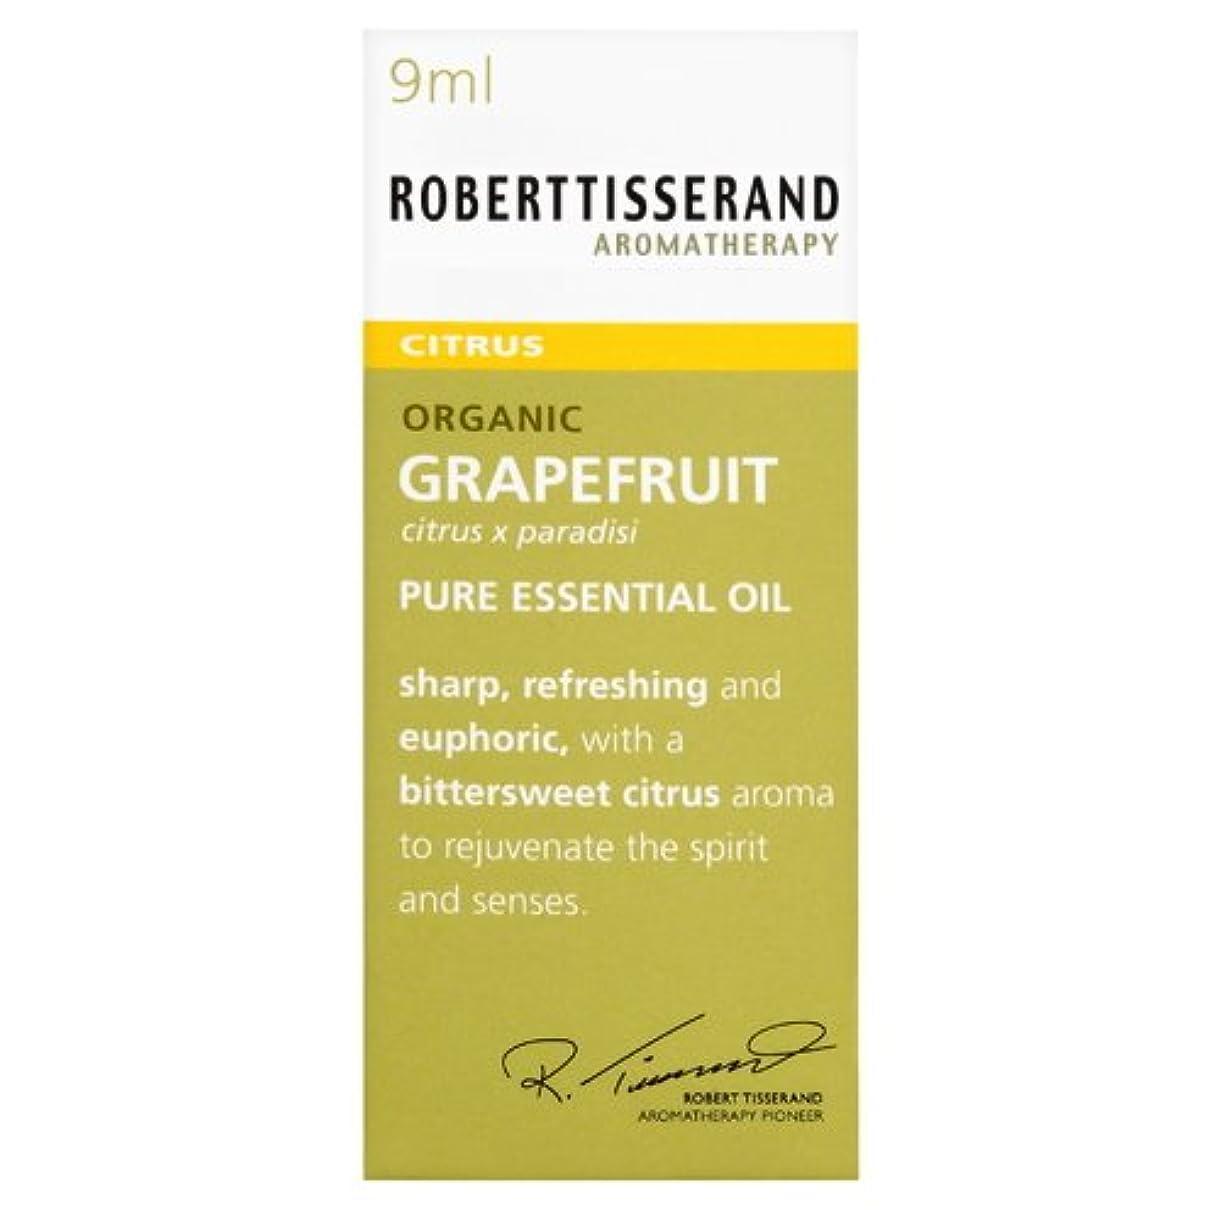 火山香りブランデーロバートティスランド 英国土壌協会認証 オーガニック グレープフルーツ 9ml